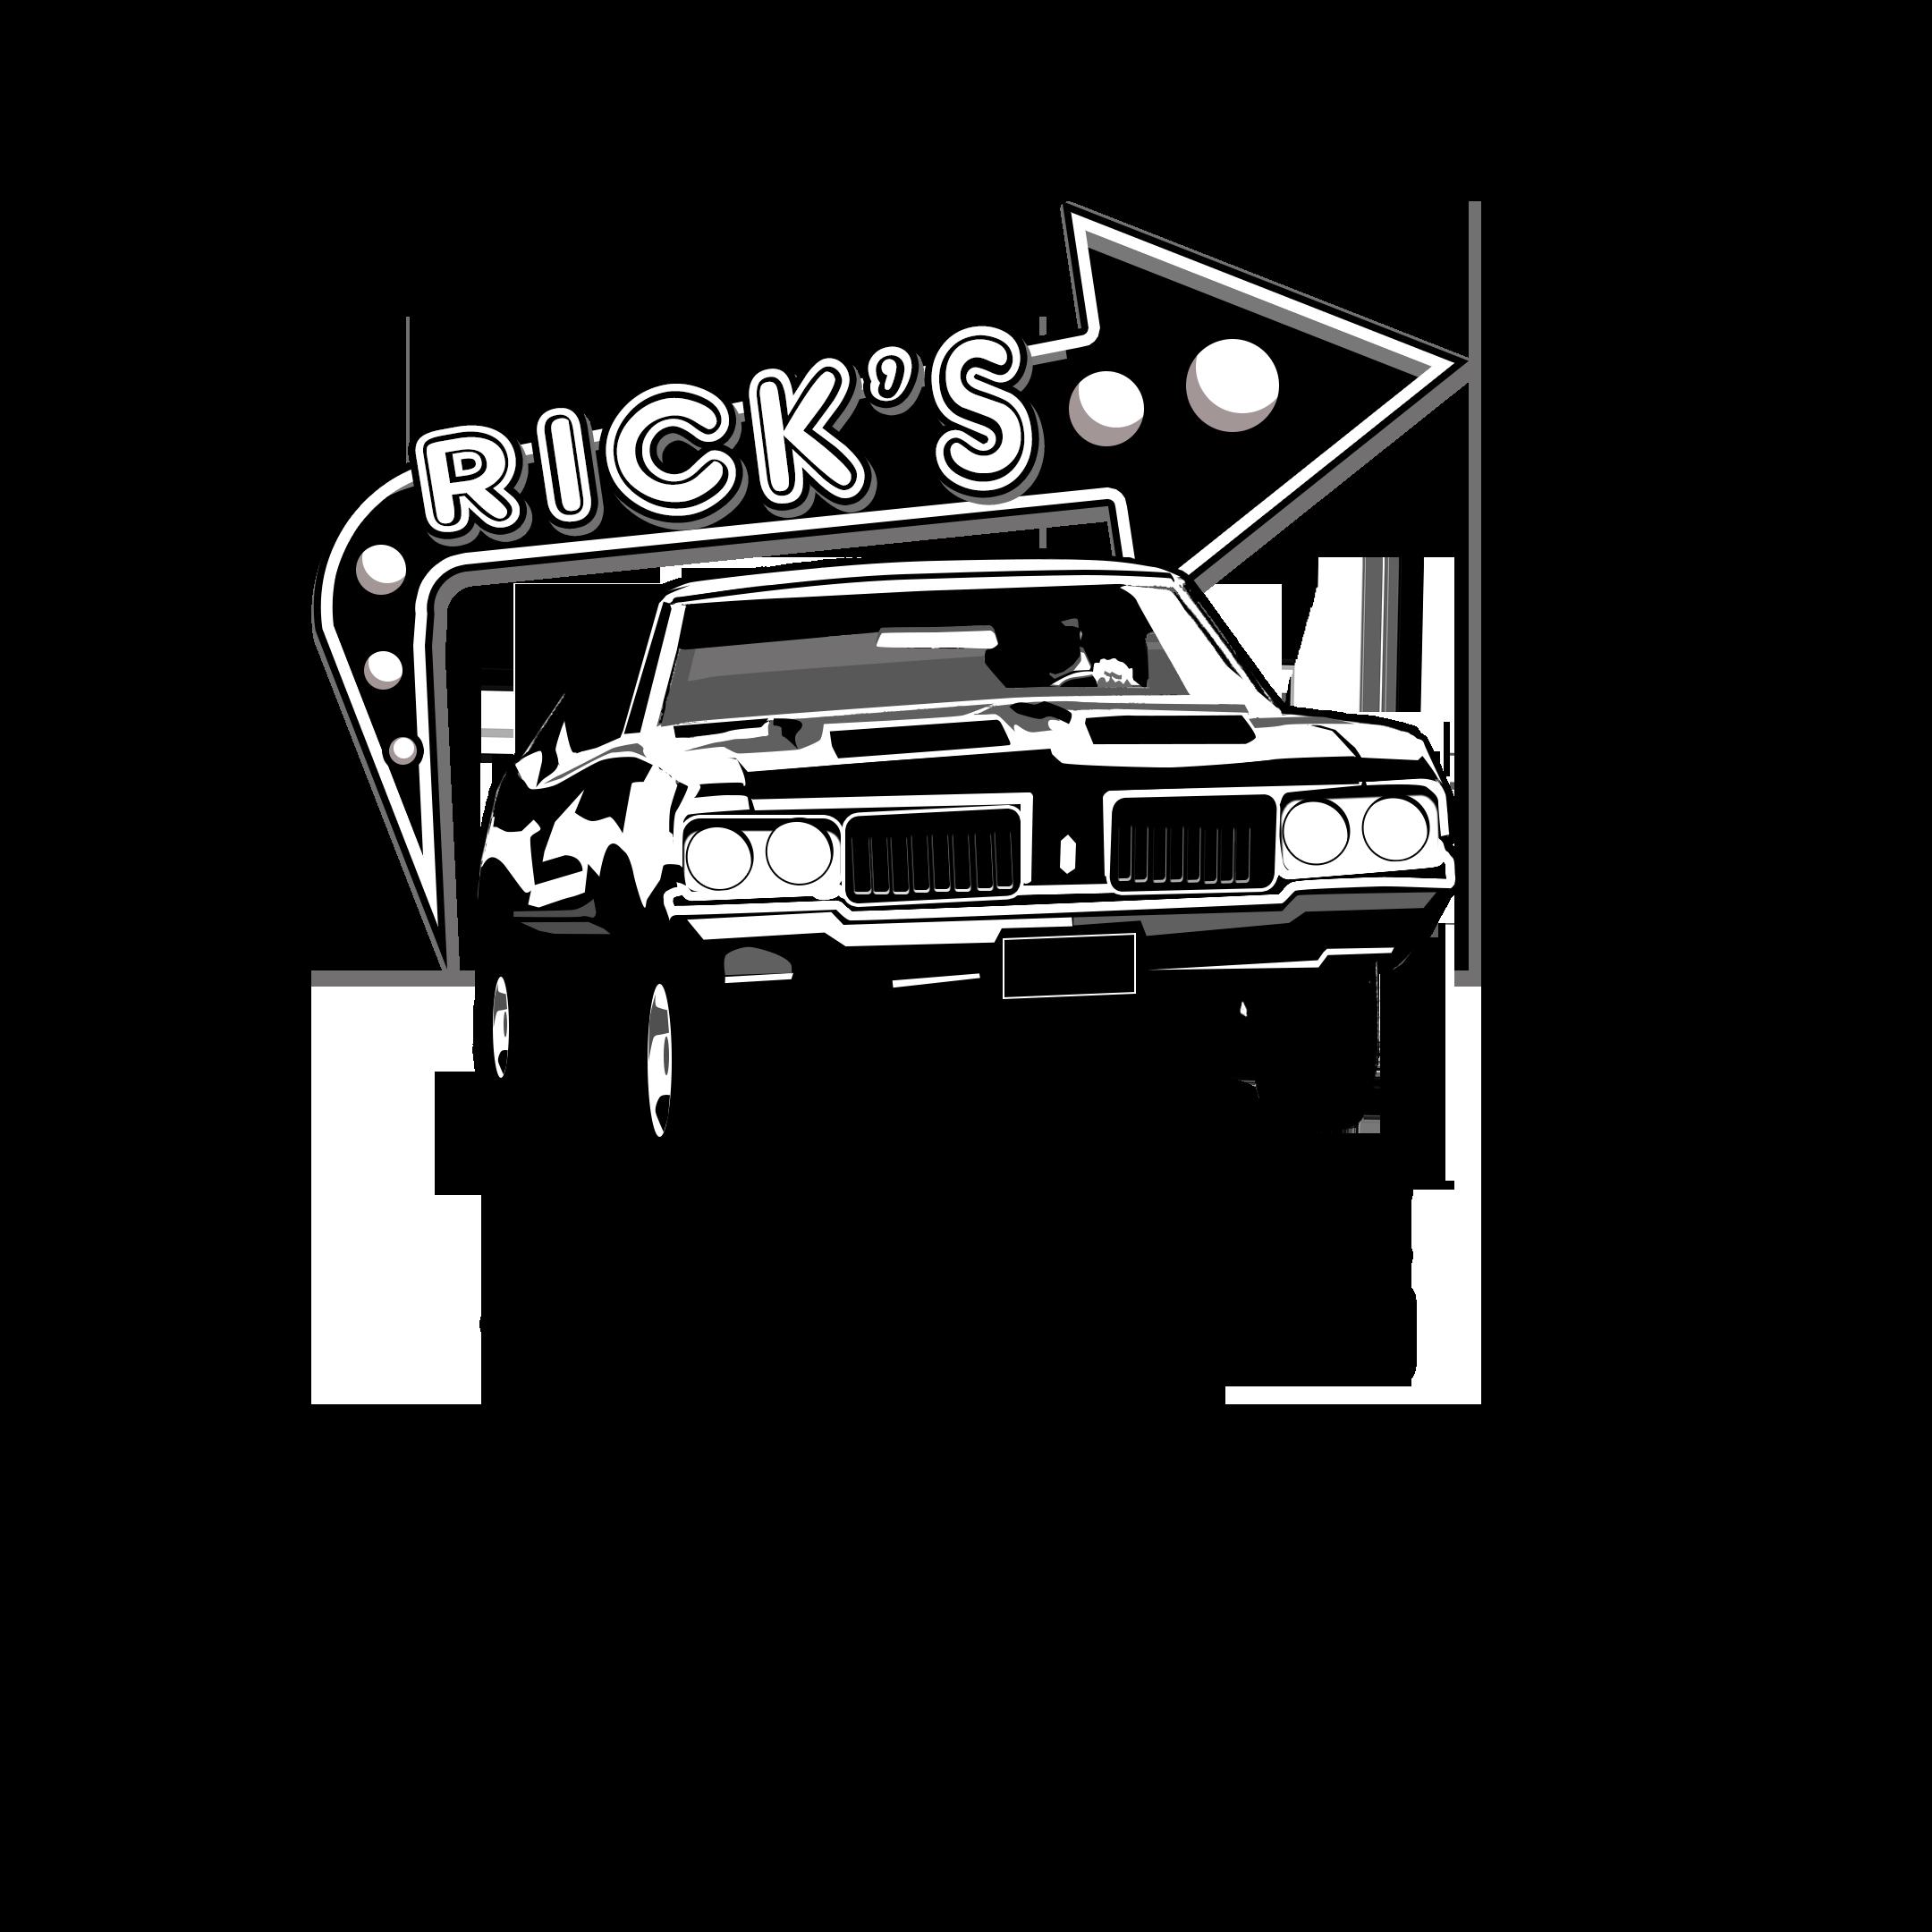 Ricks_BW.png